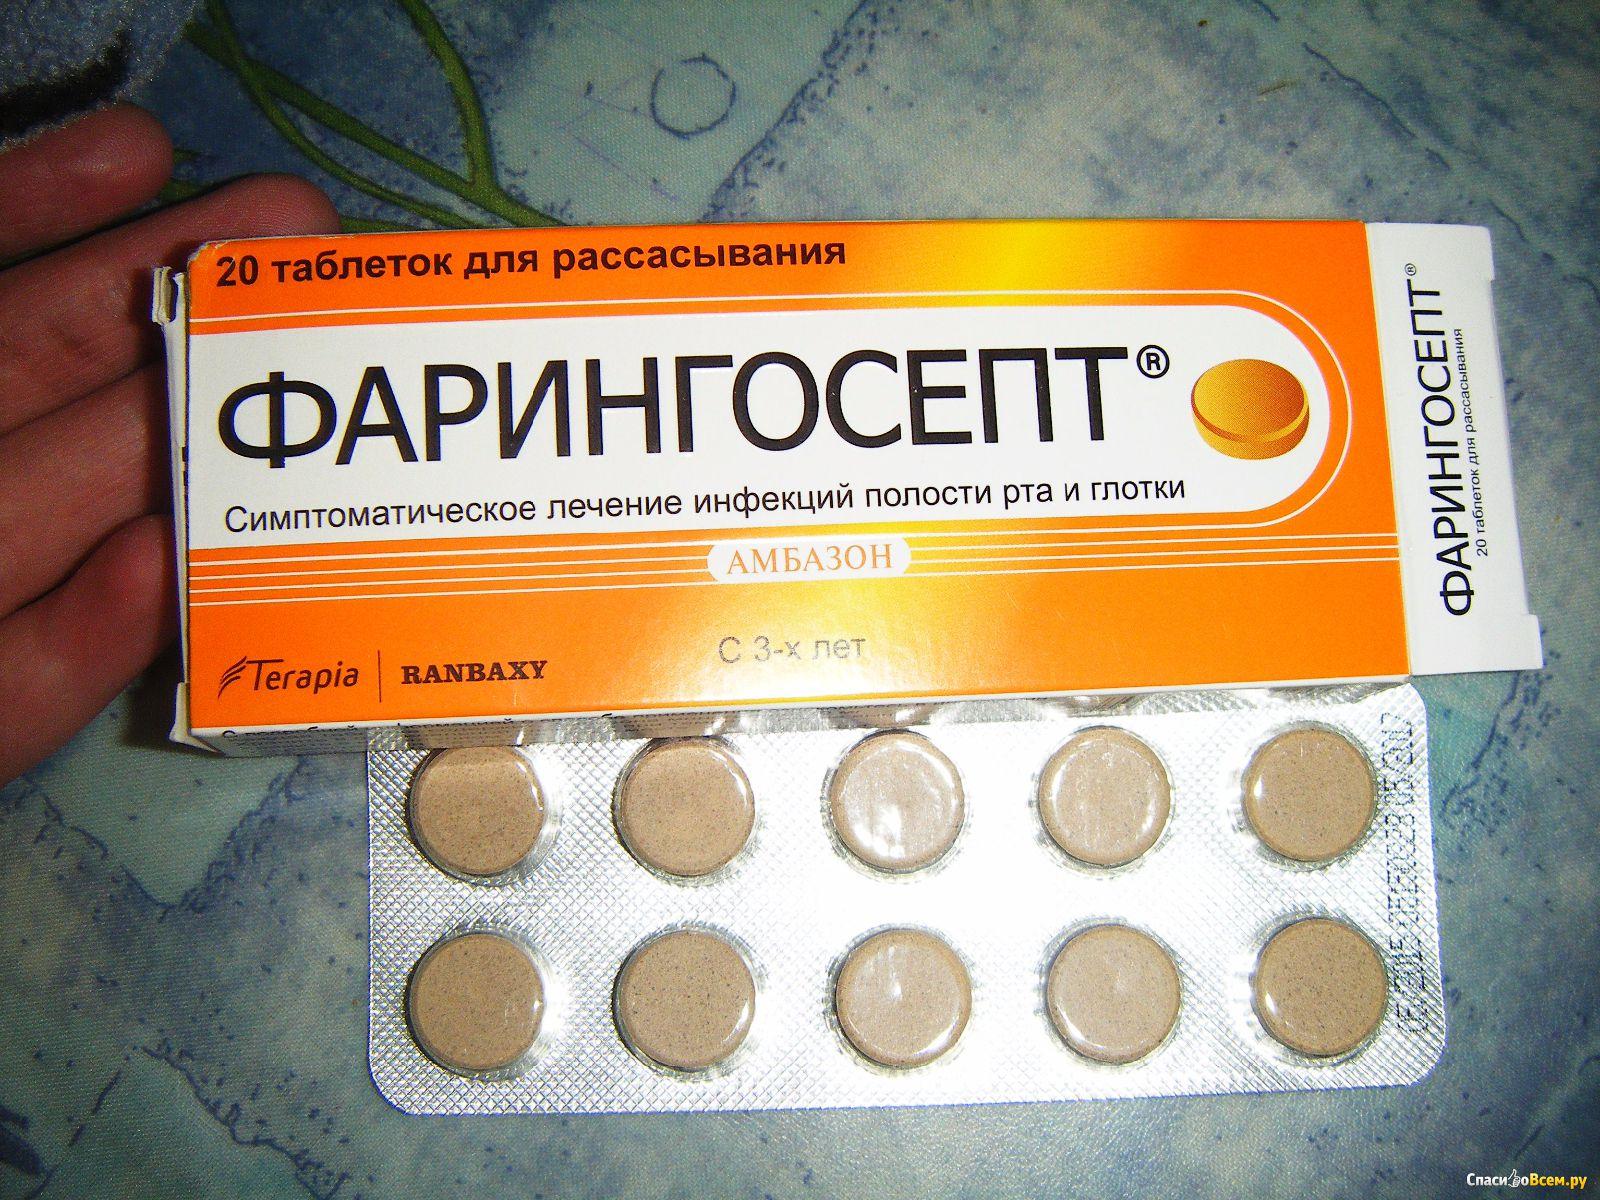 Отзывы беременных о фарингосепт 599